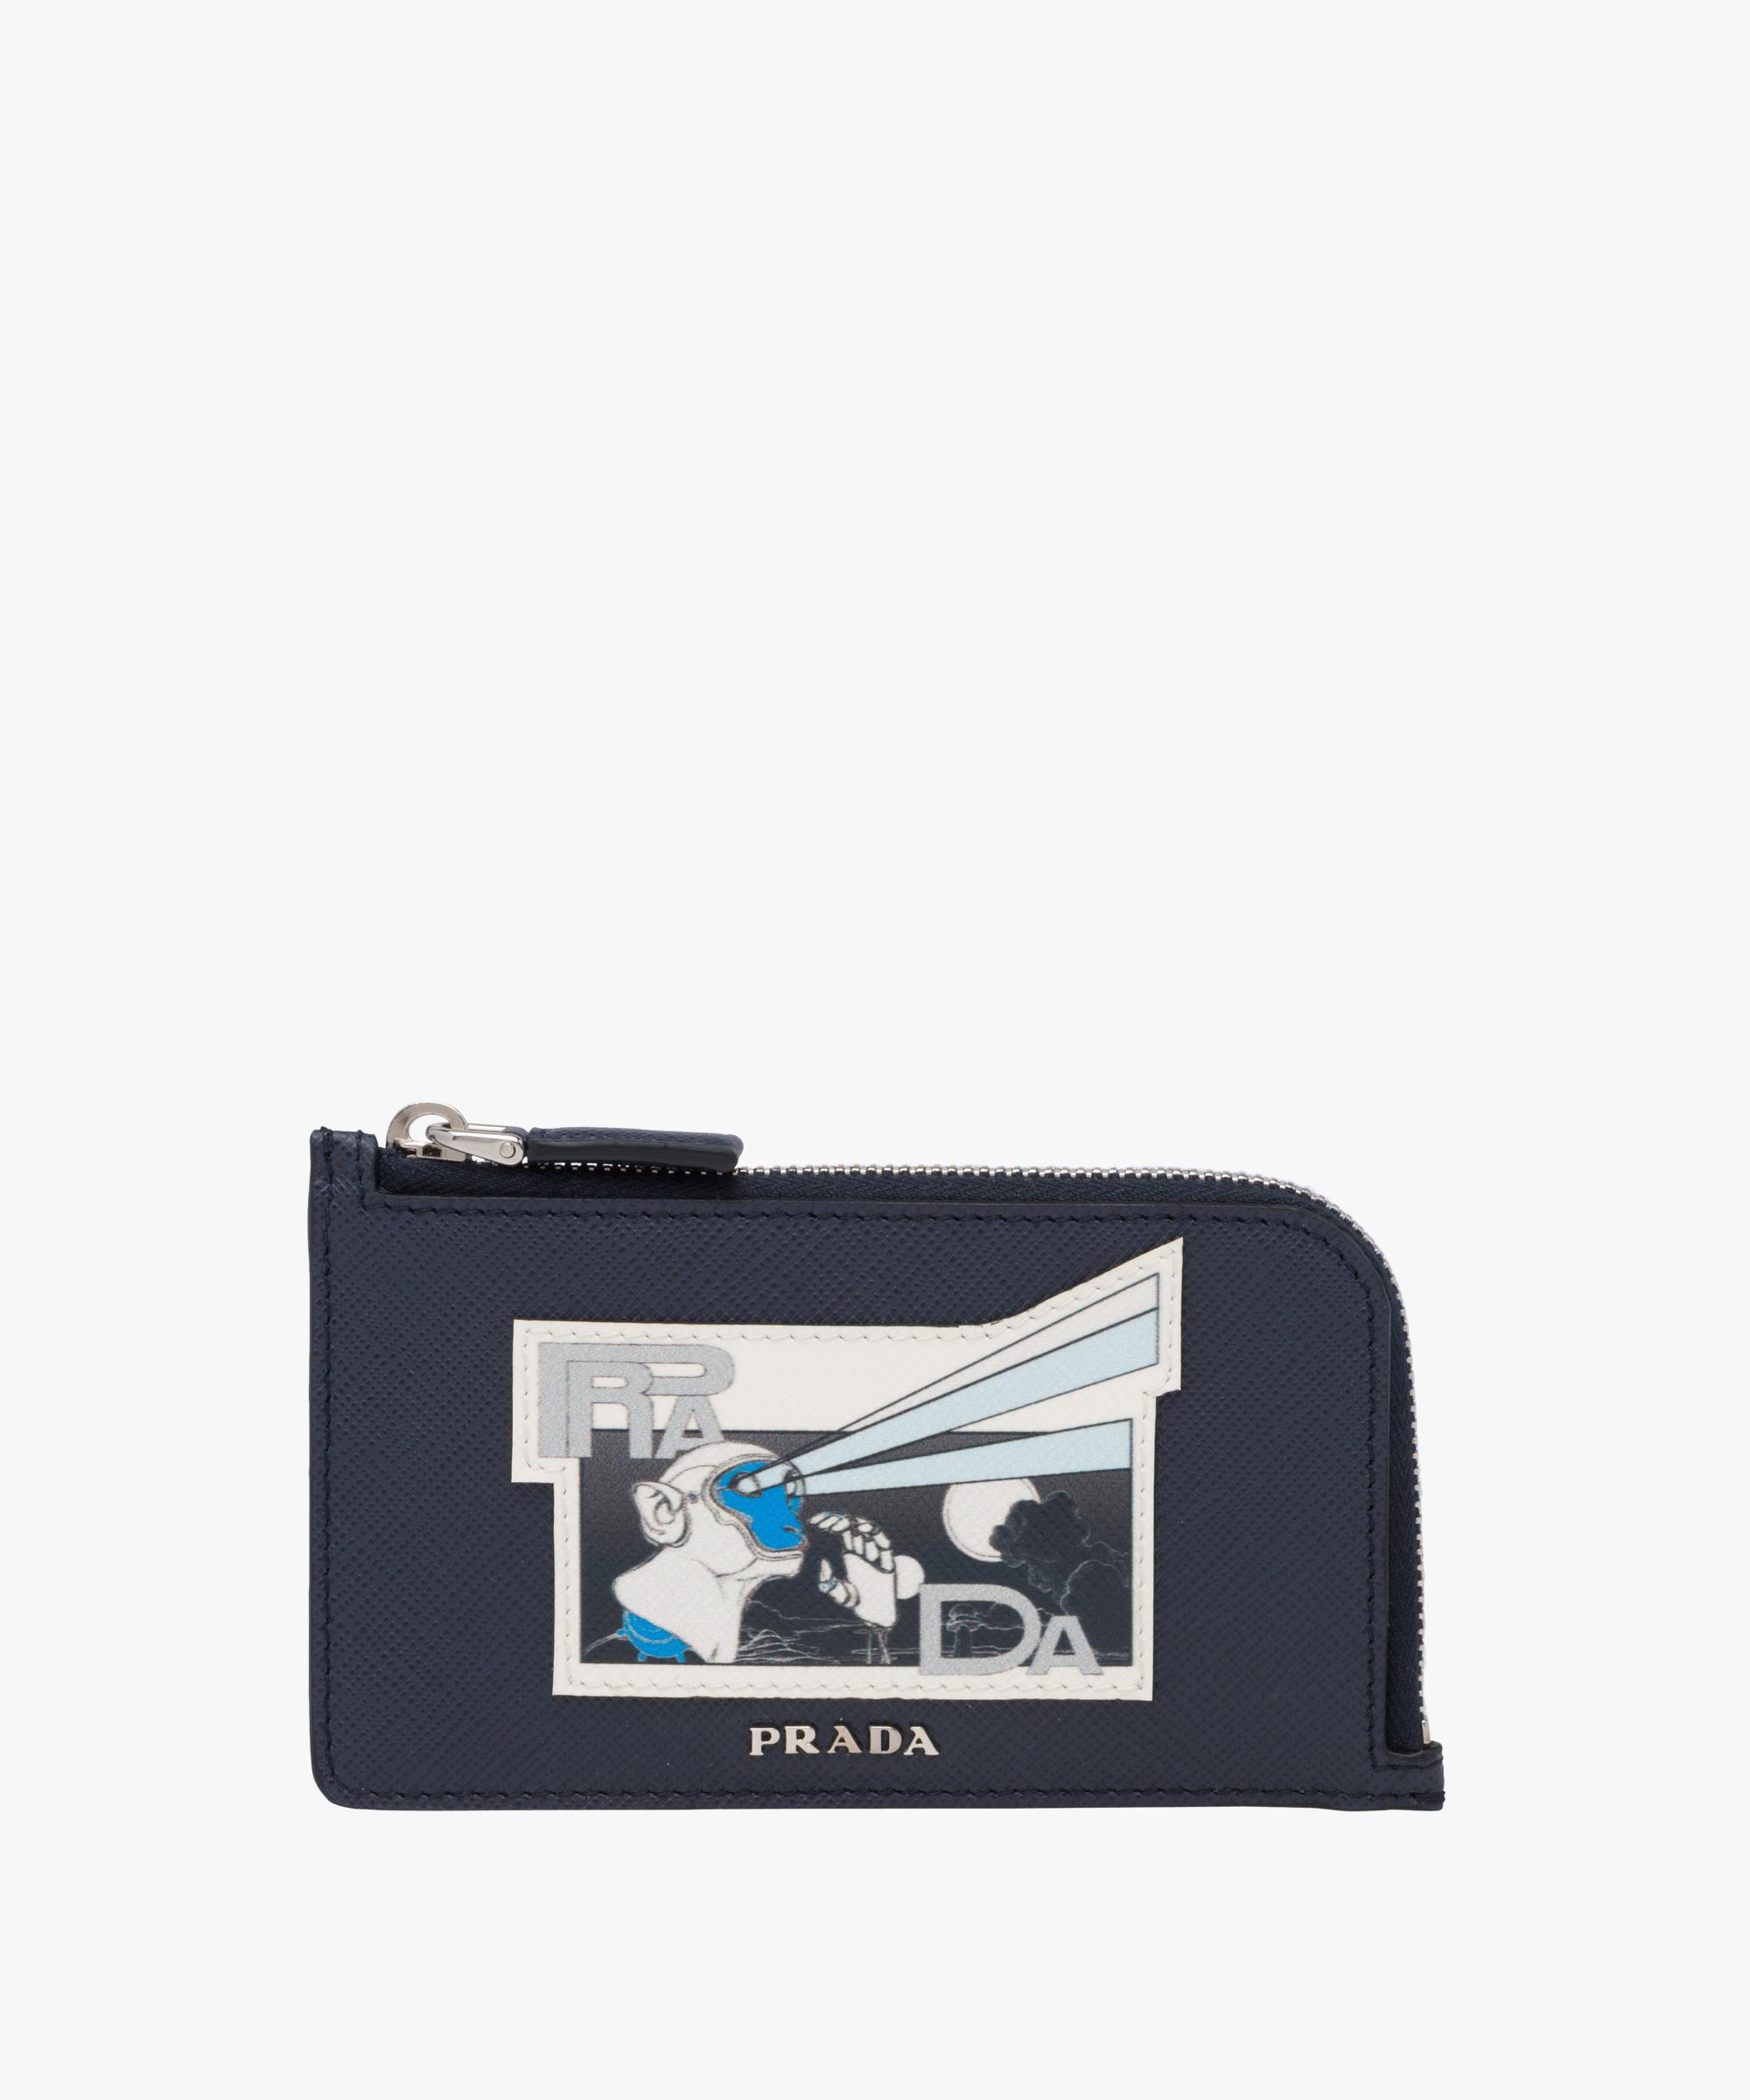 336952da641 ... italy lyst prada saffiano leather credit card holder in blue for men  e3c17 71bc4